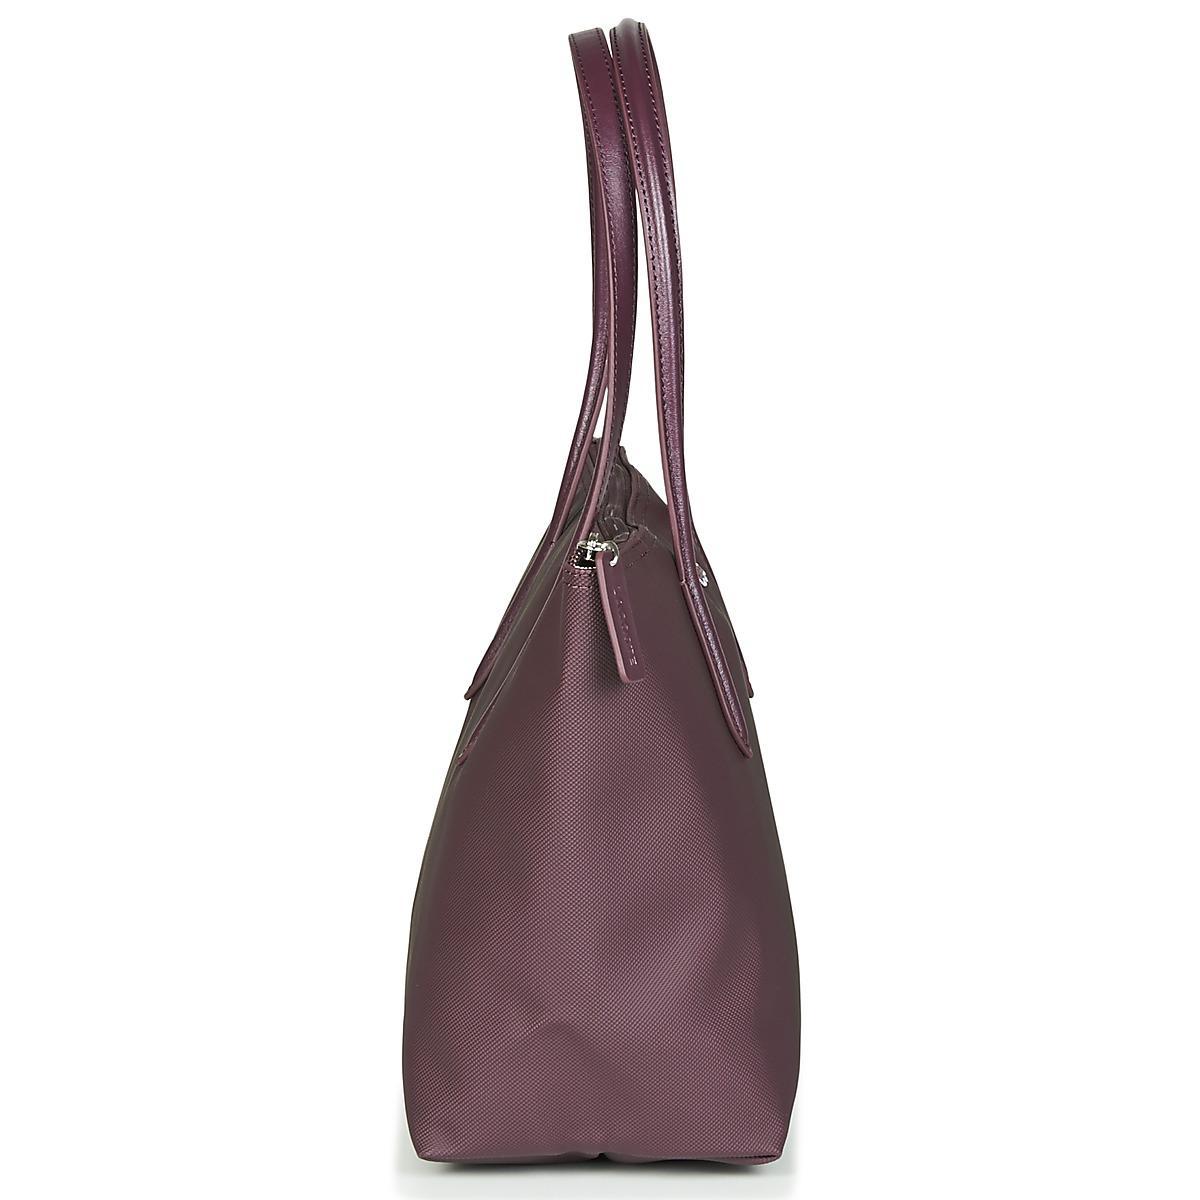 Concept 12 Sac Lyst À Lacoste Bag En Small L Main Shopping aPTIX